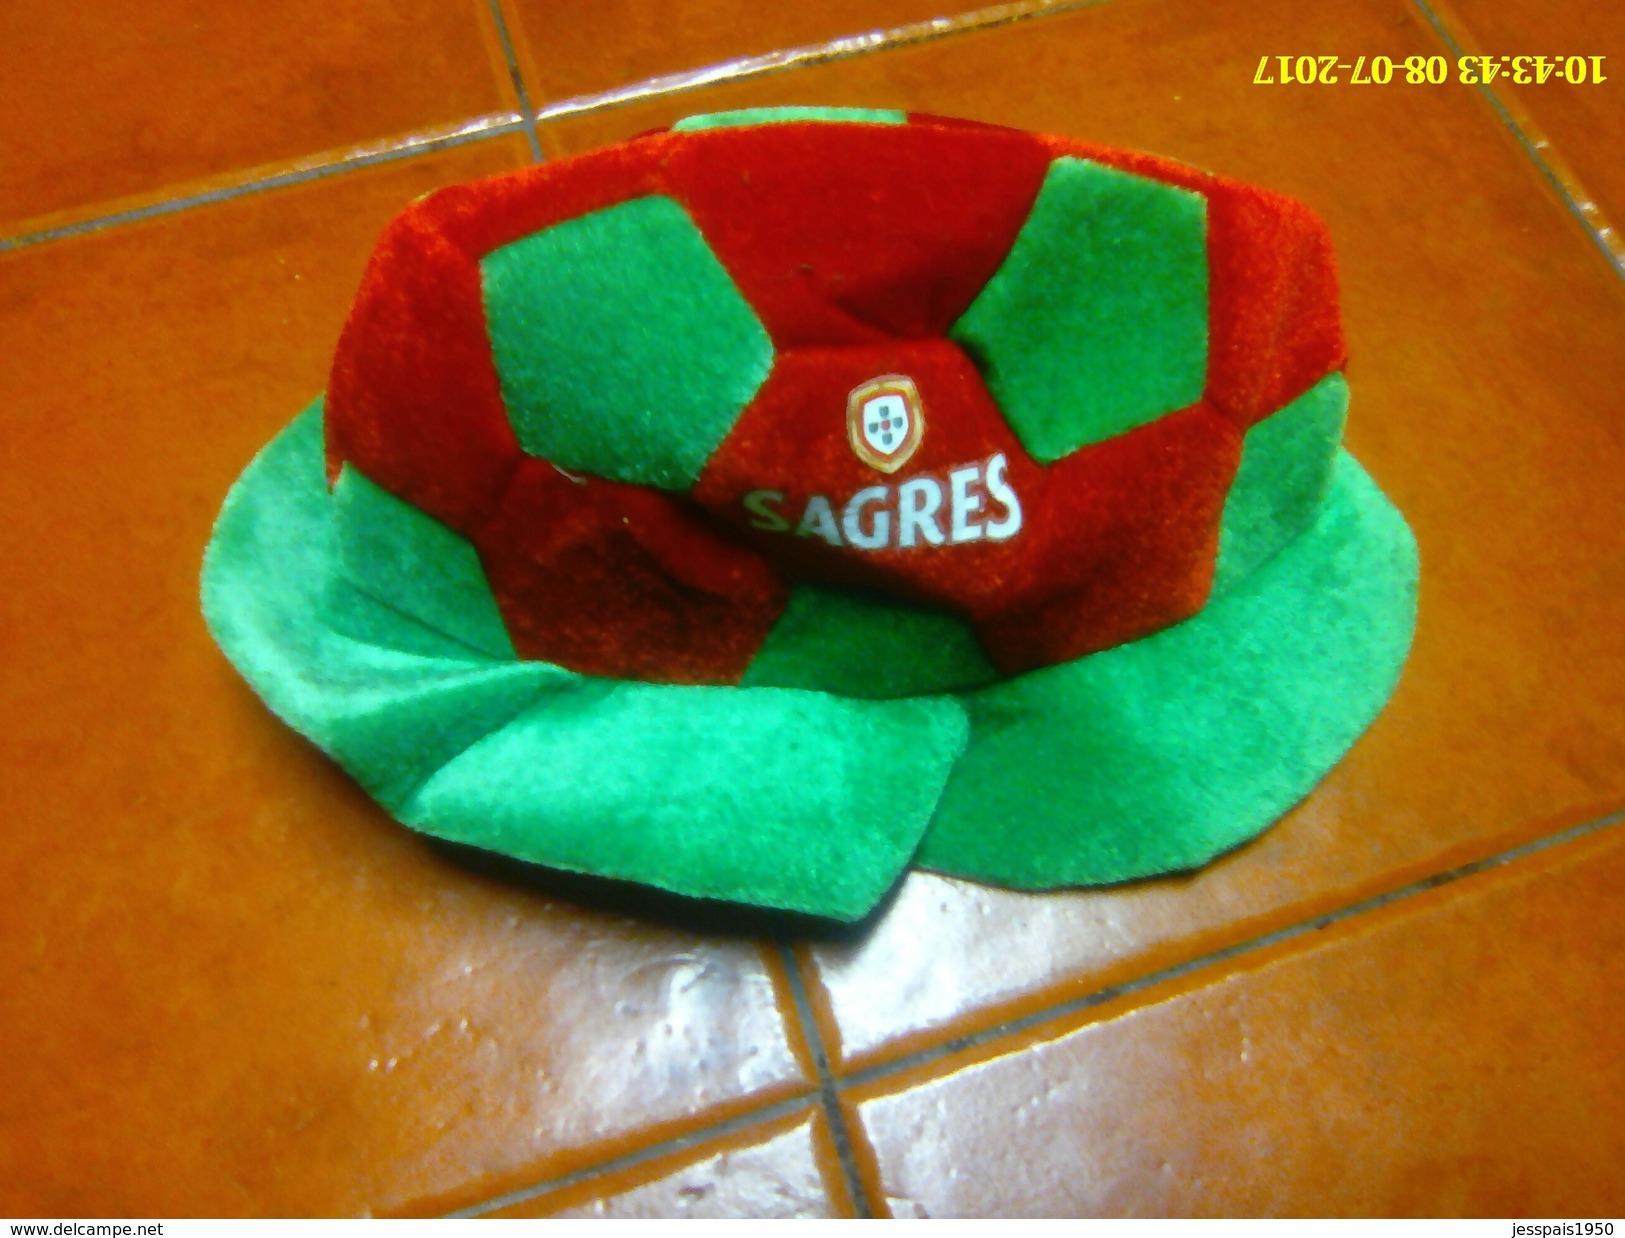 (5) - Chapeau Biére Sagres - Portugal - Casquettes & Bobs